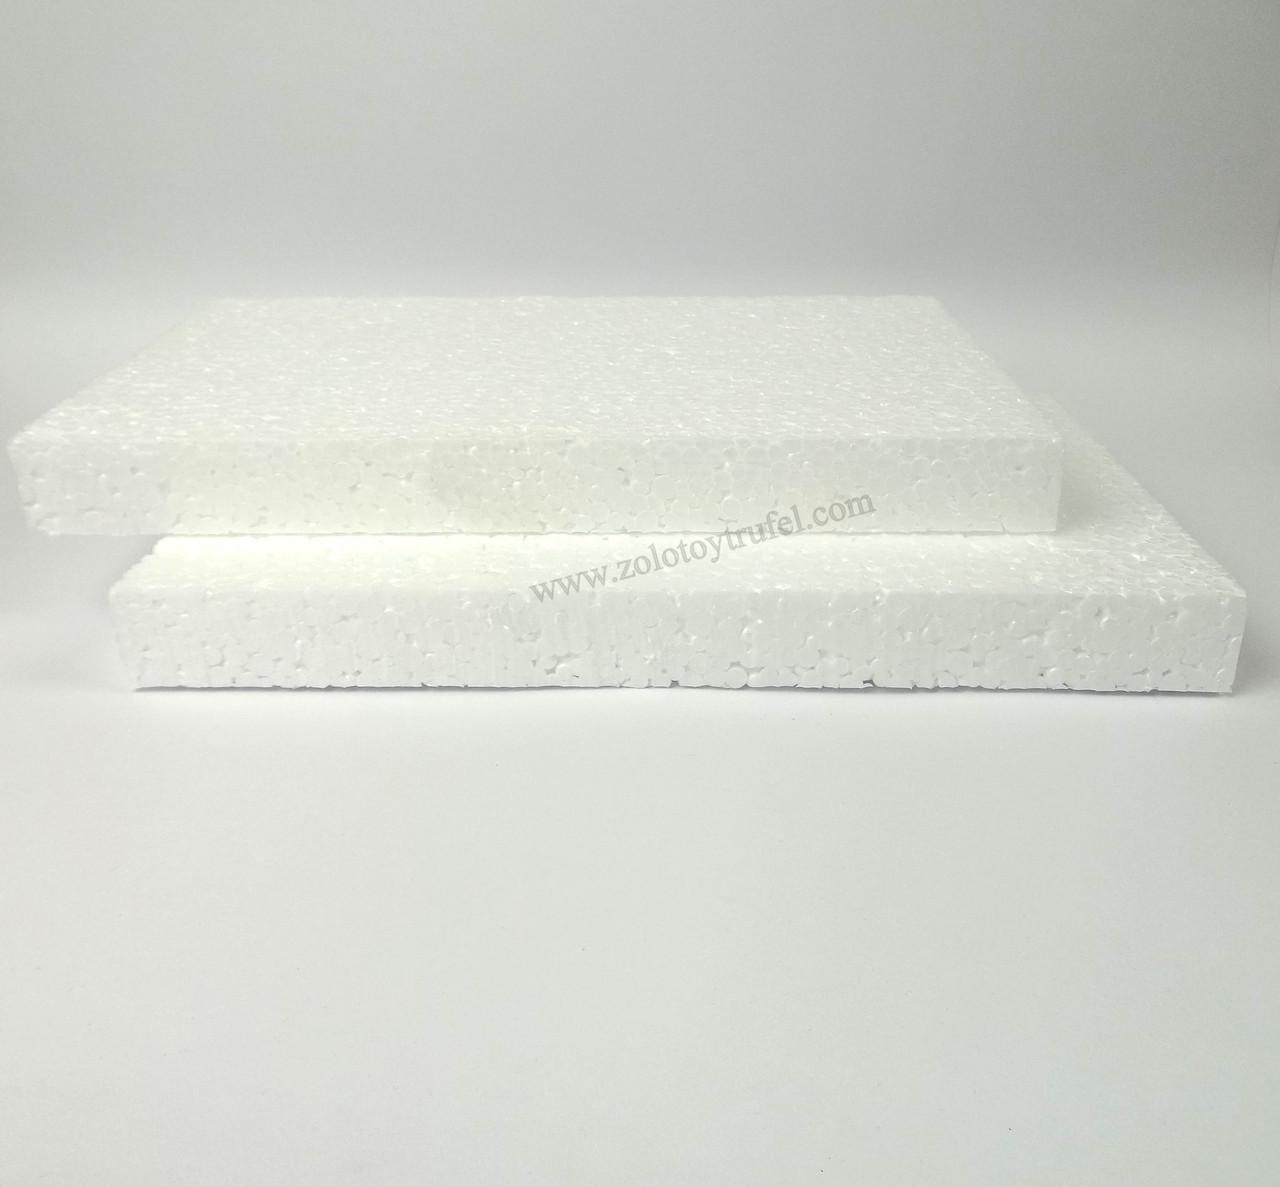 Прослойка пенопластовая для торта 14*14 см h 3 см